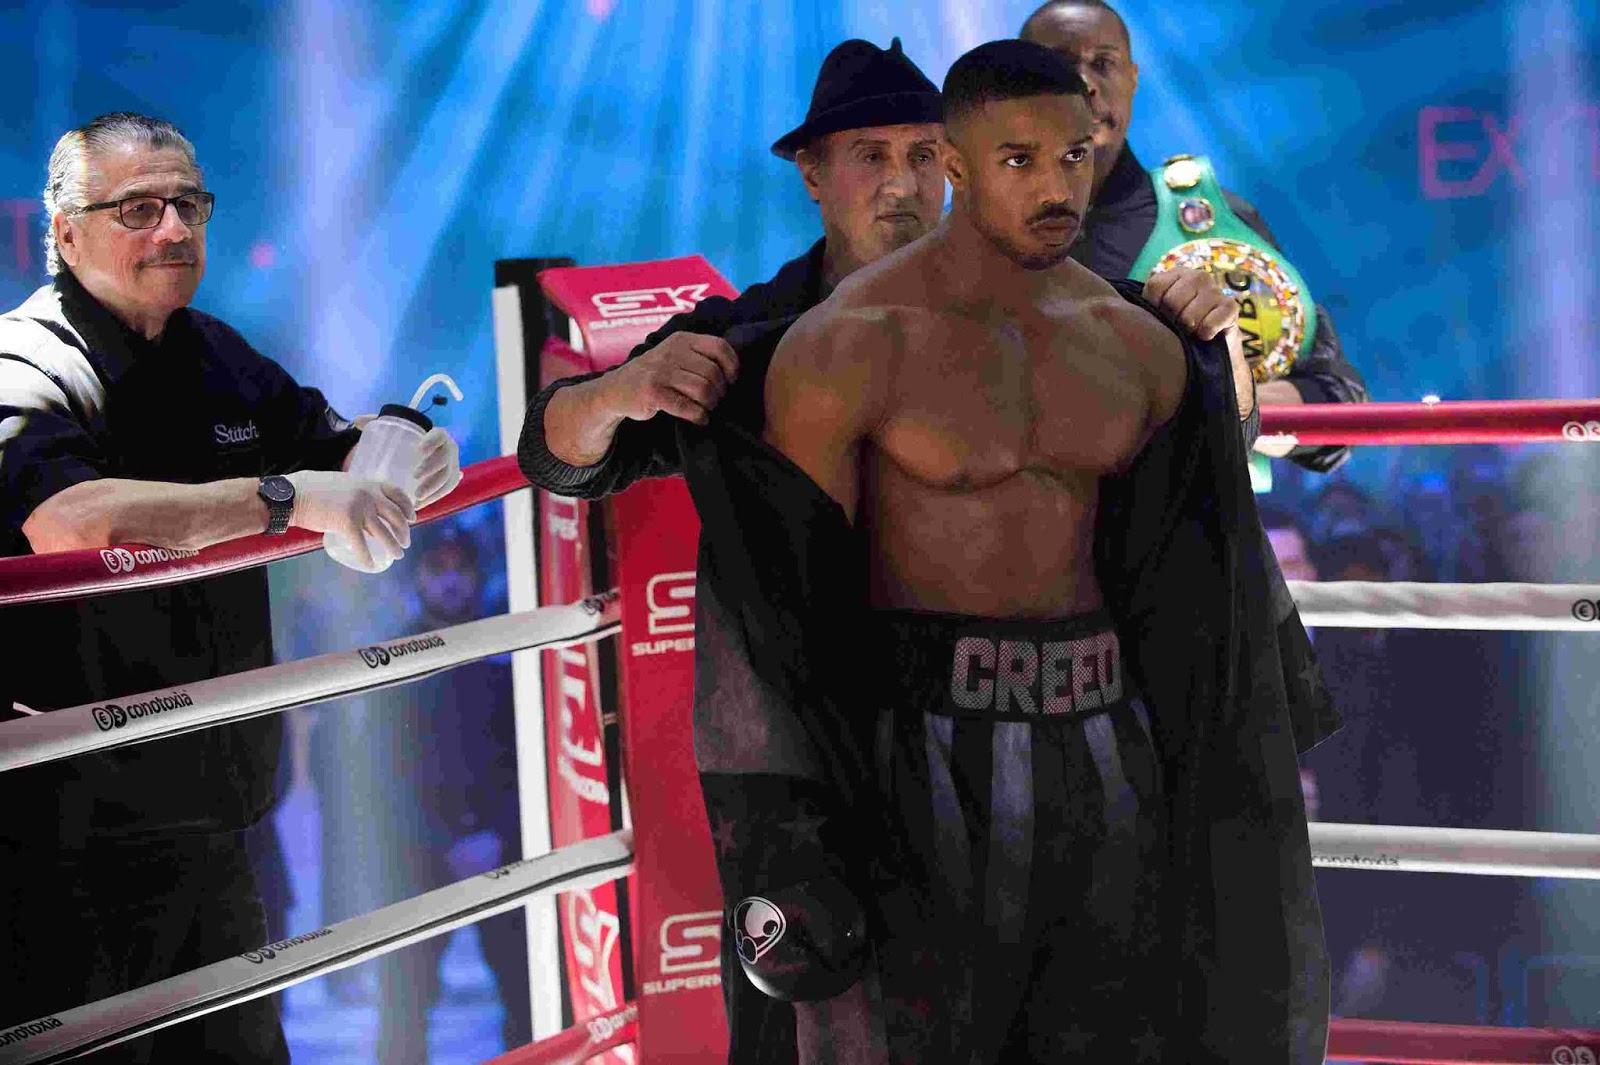 Crítica De Cine Creed Ii Defendiendo Con Méritos El Legado De Rocky Balboa Revista Level Up Revista Level Up